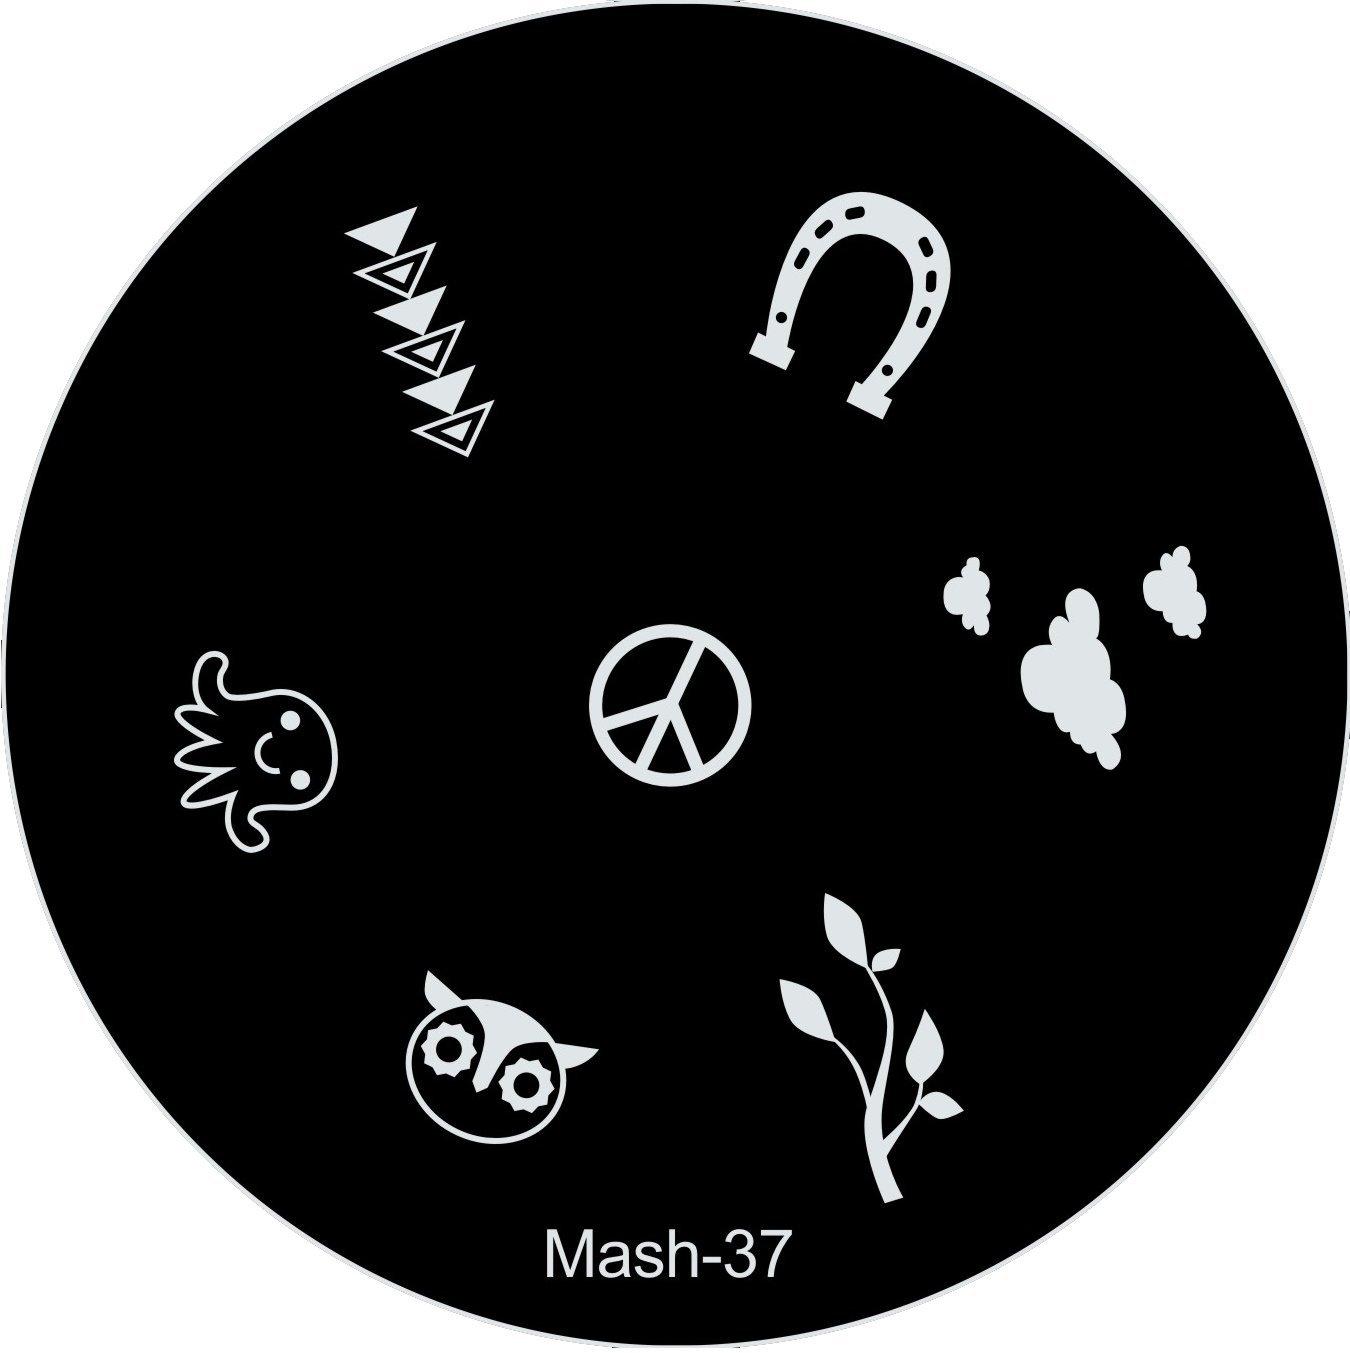 Amazon.com : MASH Nail Art Stamp Stamping Image Plate No 36 : Nail ...